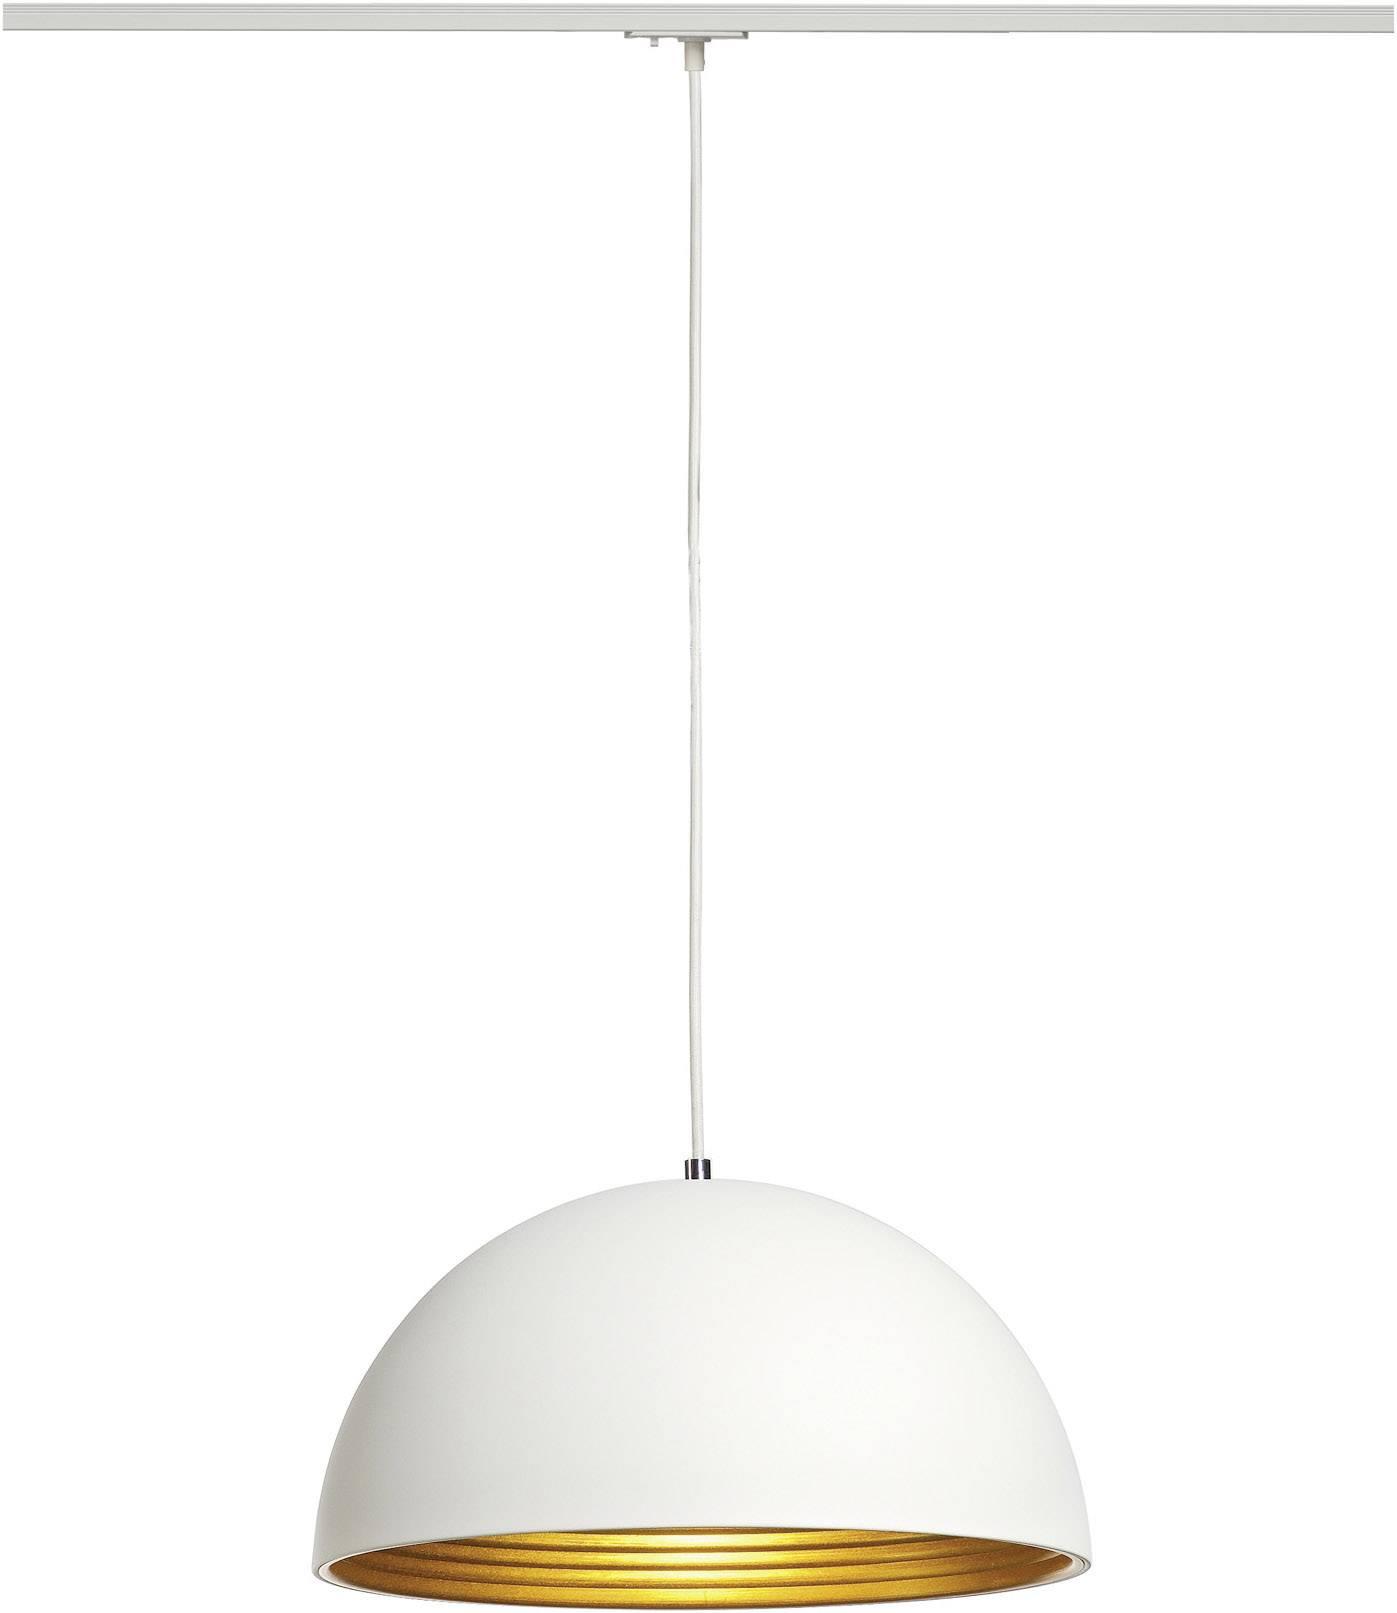 Závesné svietidlo úsporná žiarovka, LED SLV Forchini M 143931, E27, 40 W, biela, zlatá